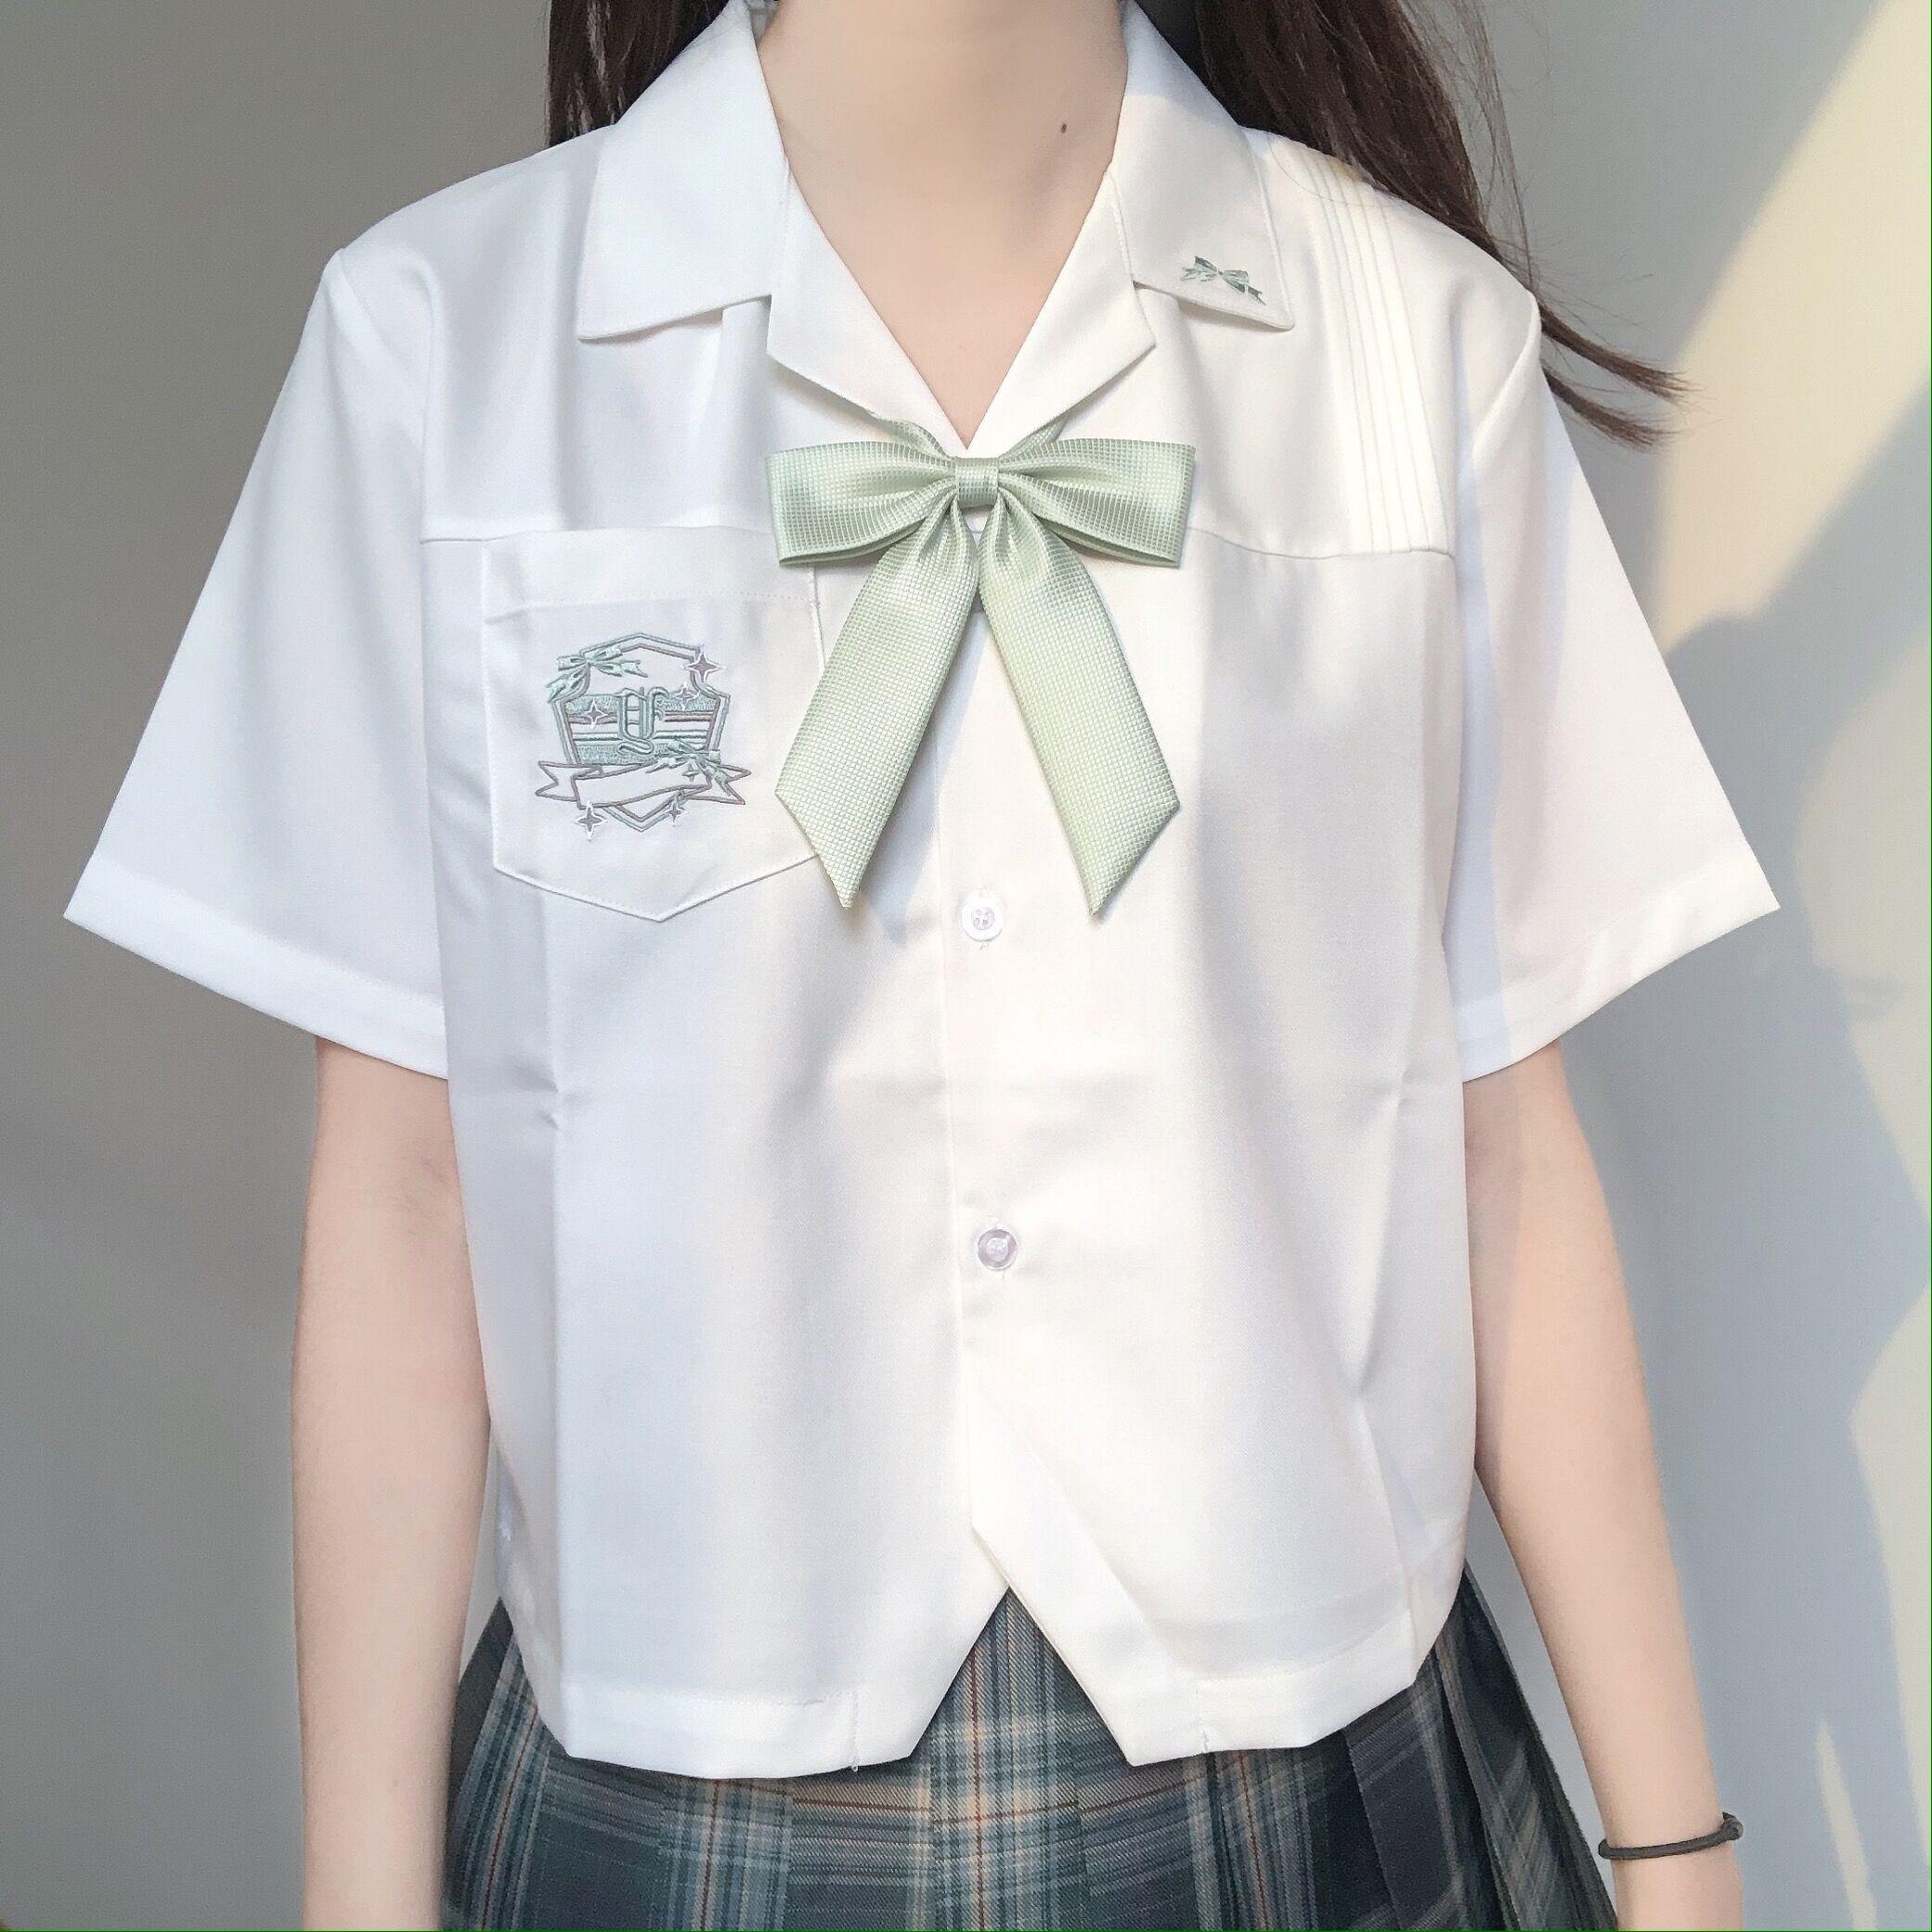 刺篇原创星河中 星迹高 jk制服原创刺绣开襟短袖白衬衫女夏款